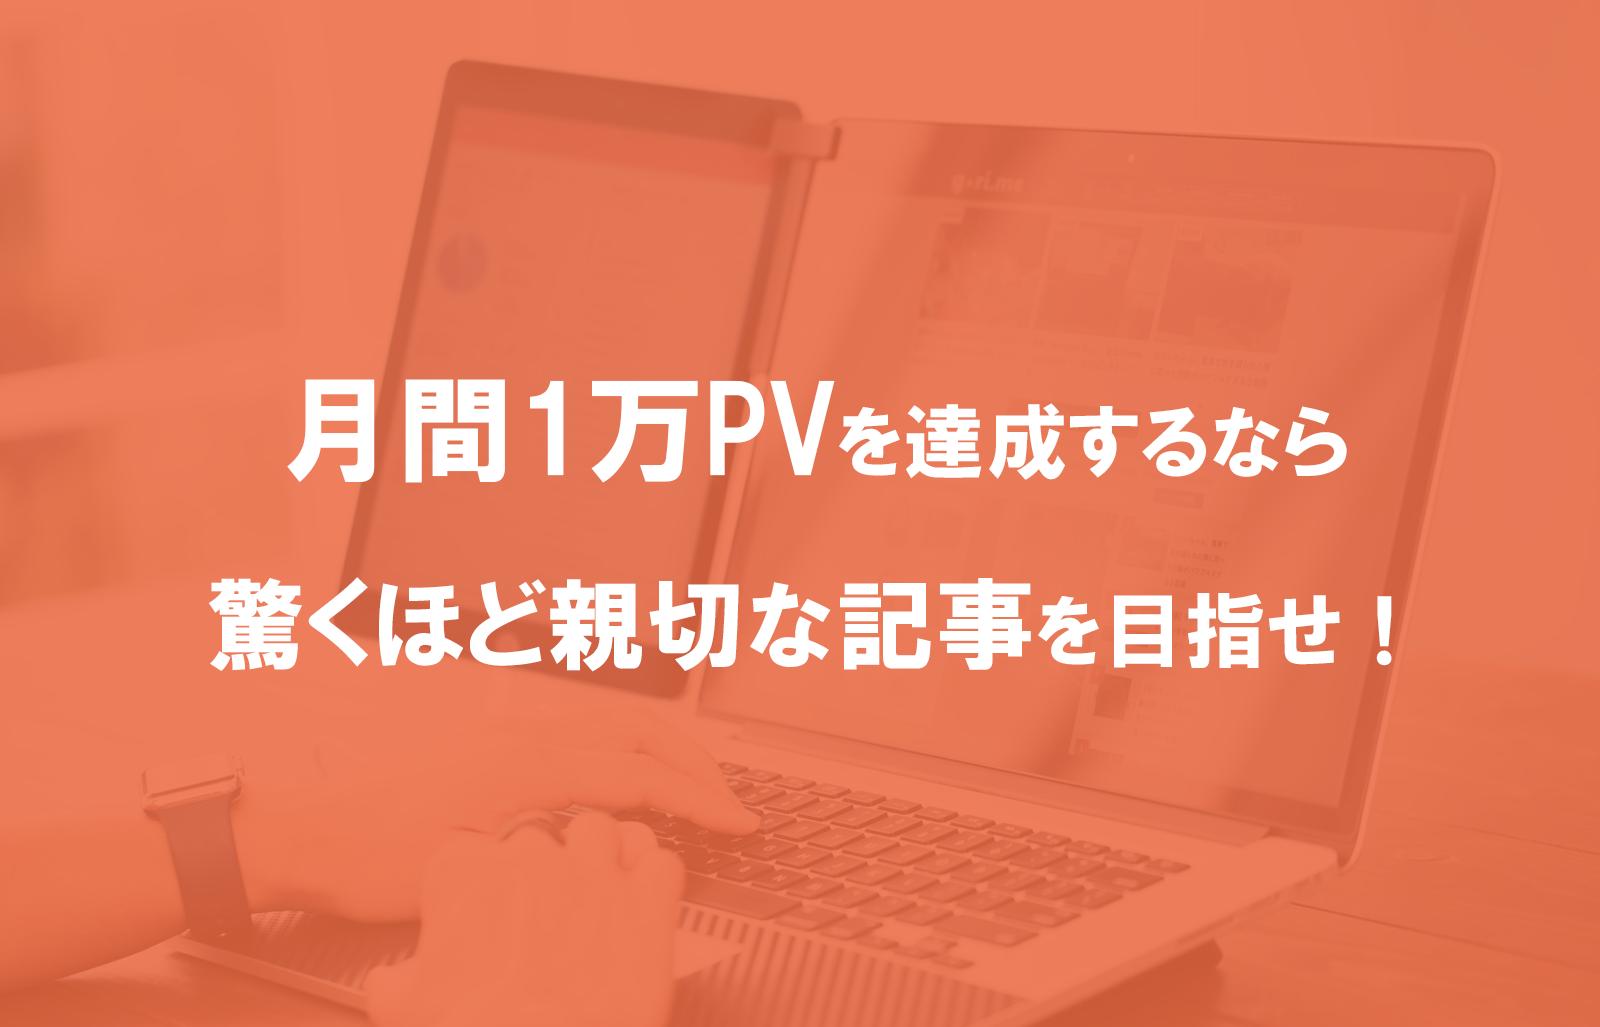 月間1万PVを達成するには「驚くほど親切な記事」を目指せ!